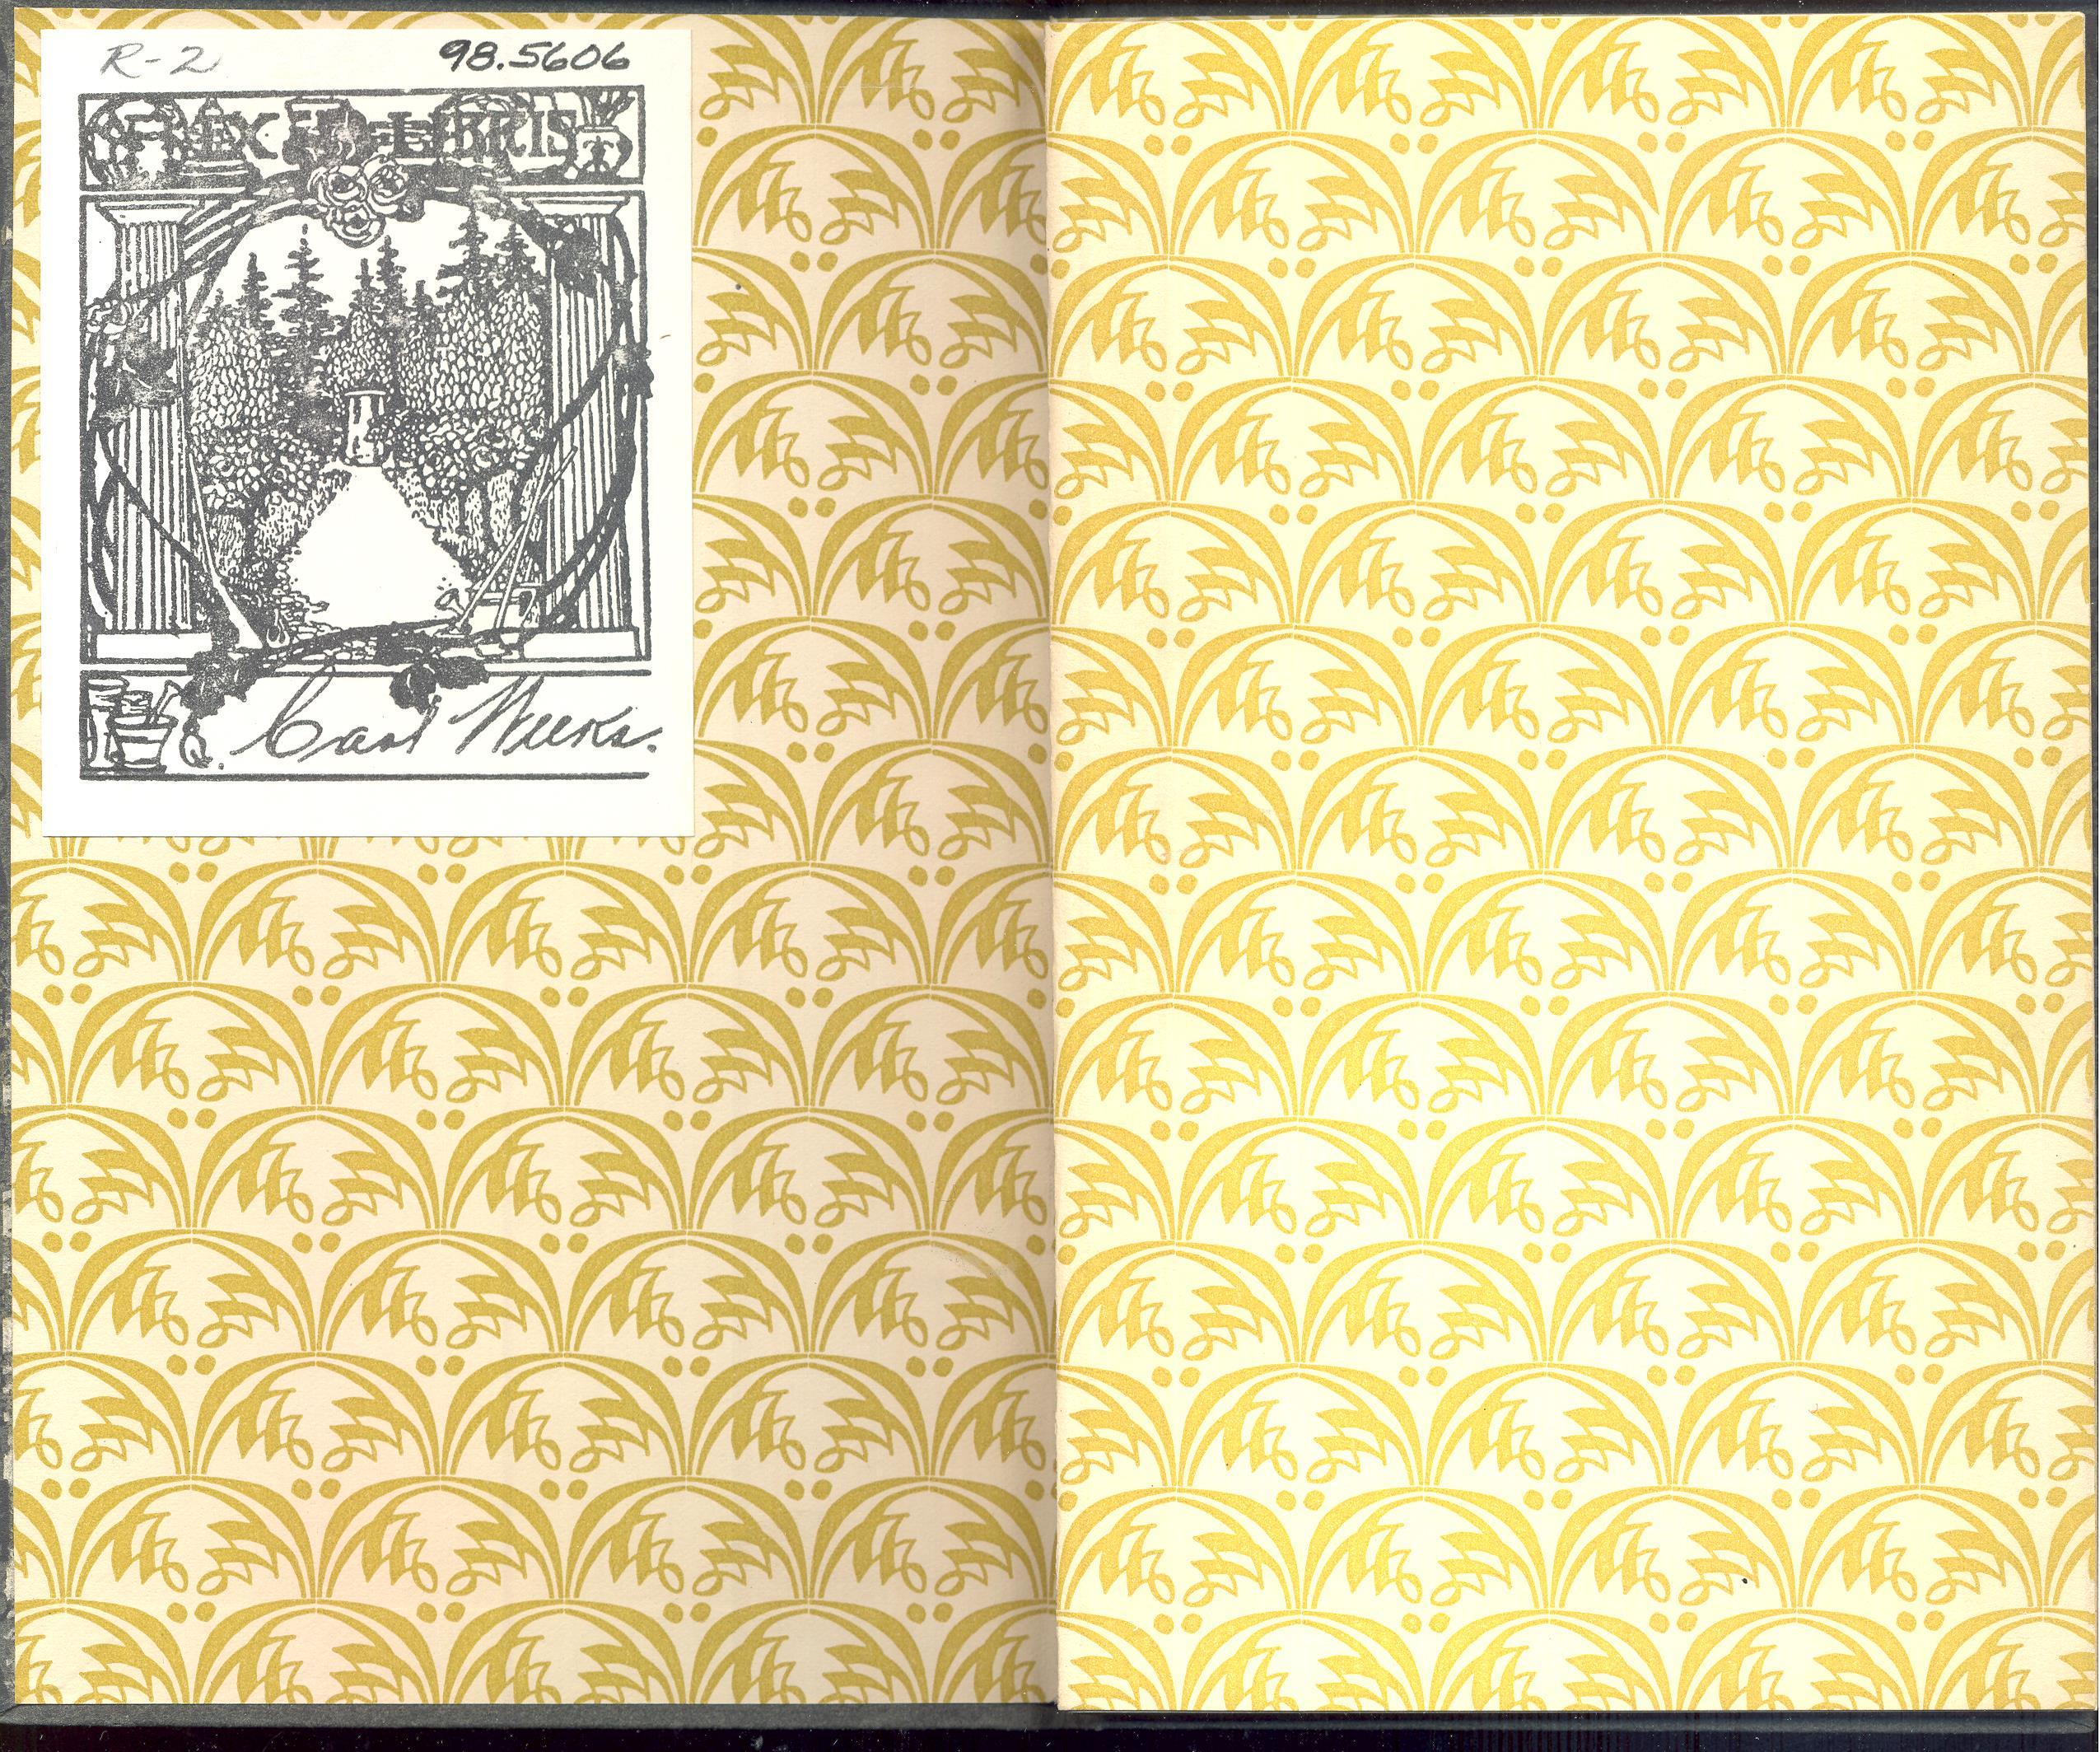 Chap book 002